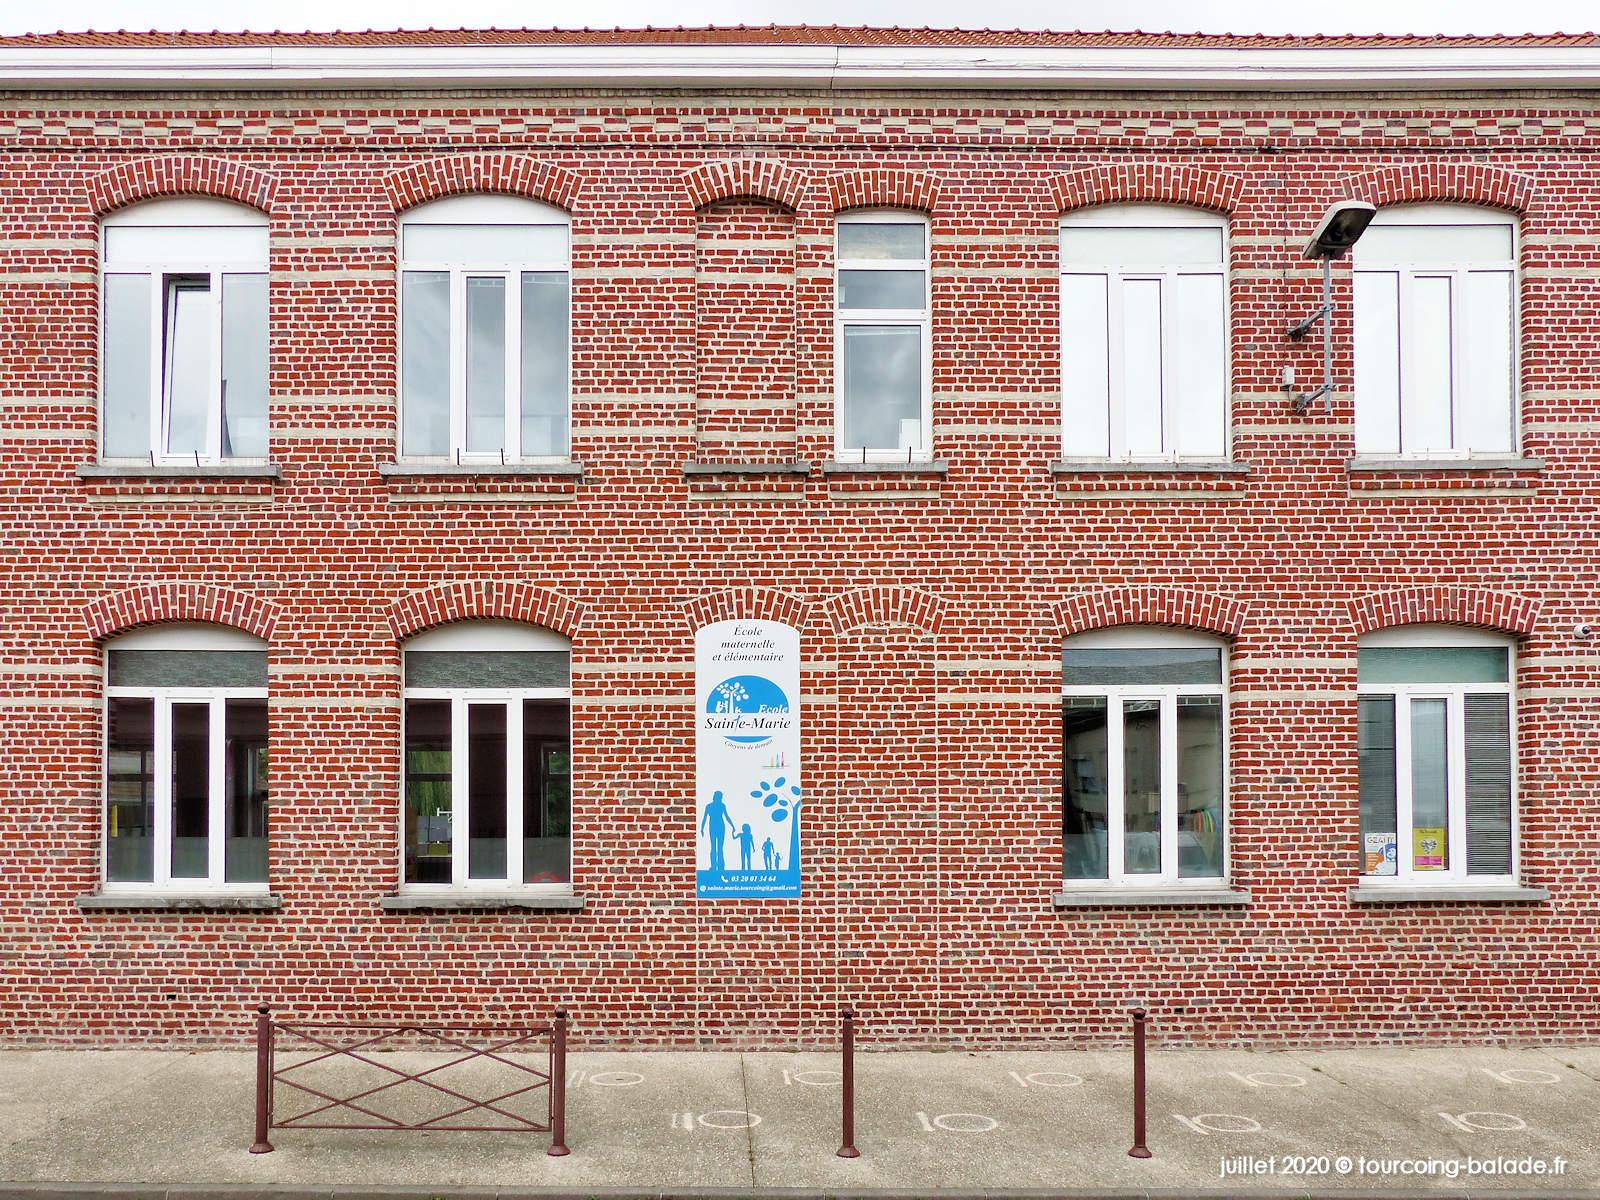 Façade de l'École Sainte Marie, Tourcoing 2020